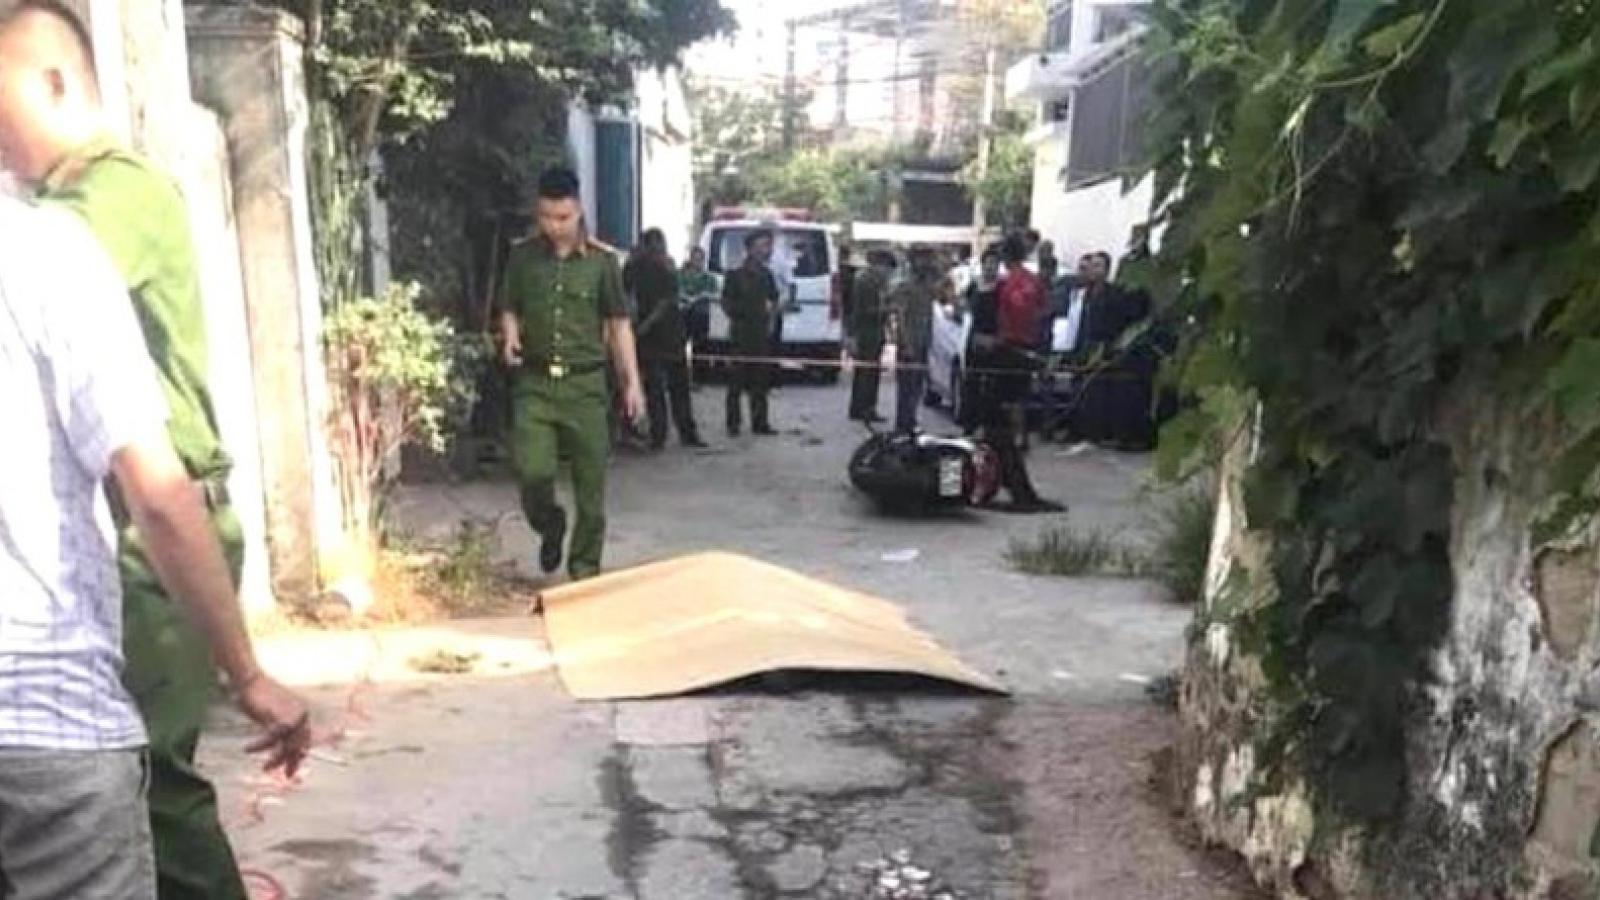 Vụ người phụ nữ bị sát hại ở cổng chợ: Nghi phạm treo cổ tự tử